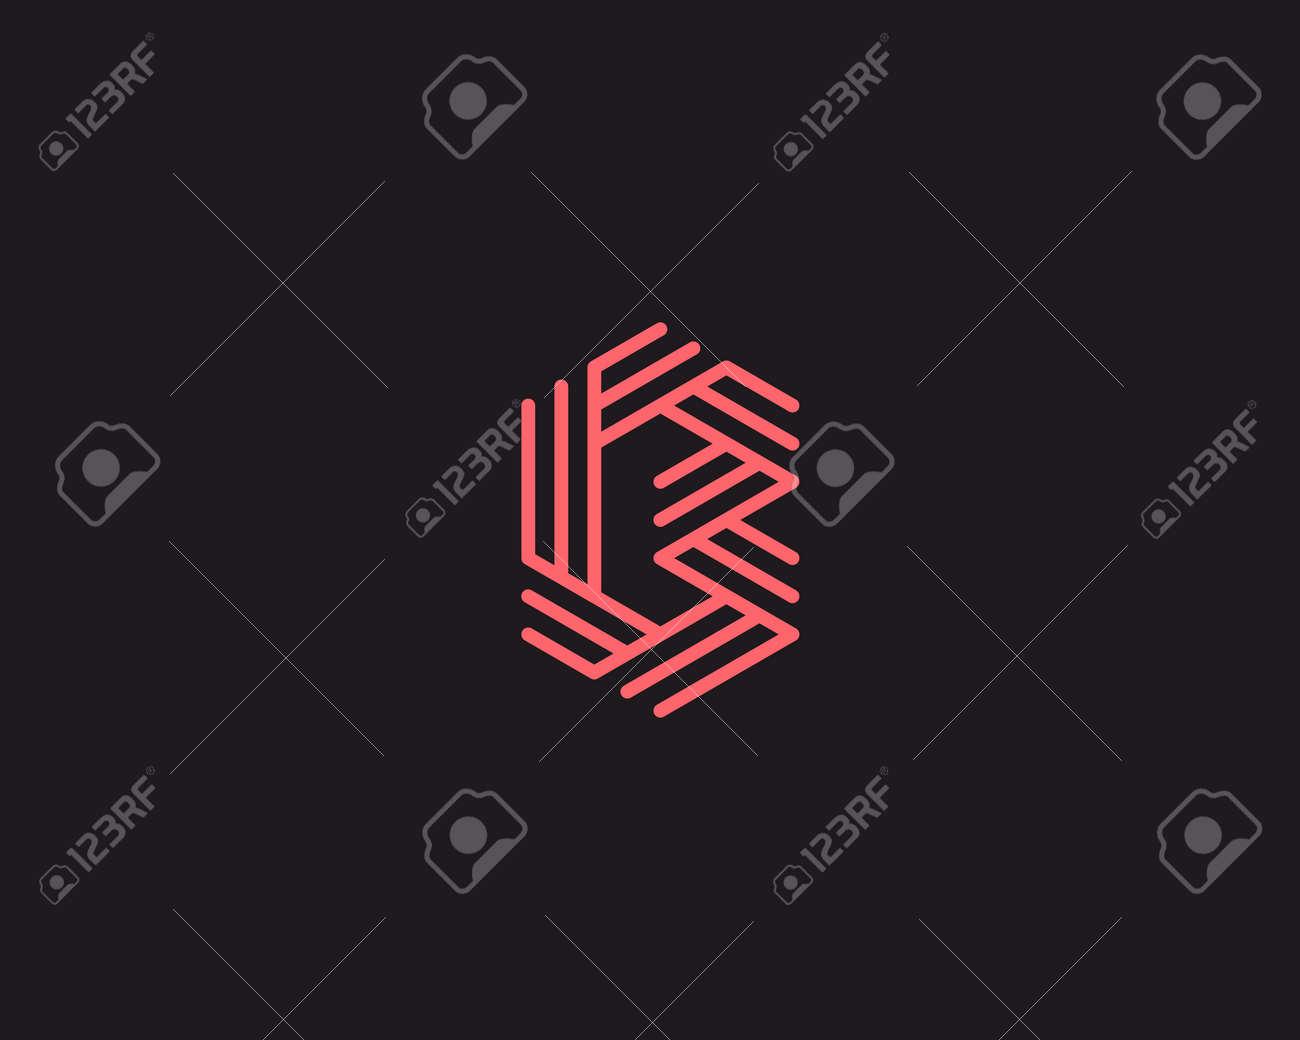 Letra B Resumen Plantilla Icono Del Diseño. Línea Signo Creativo ...